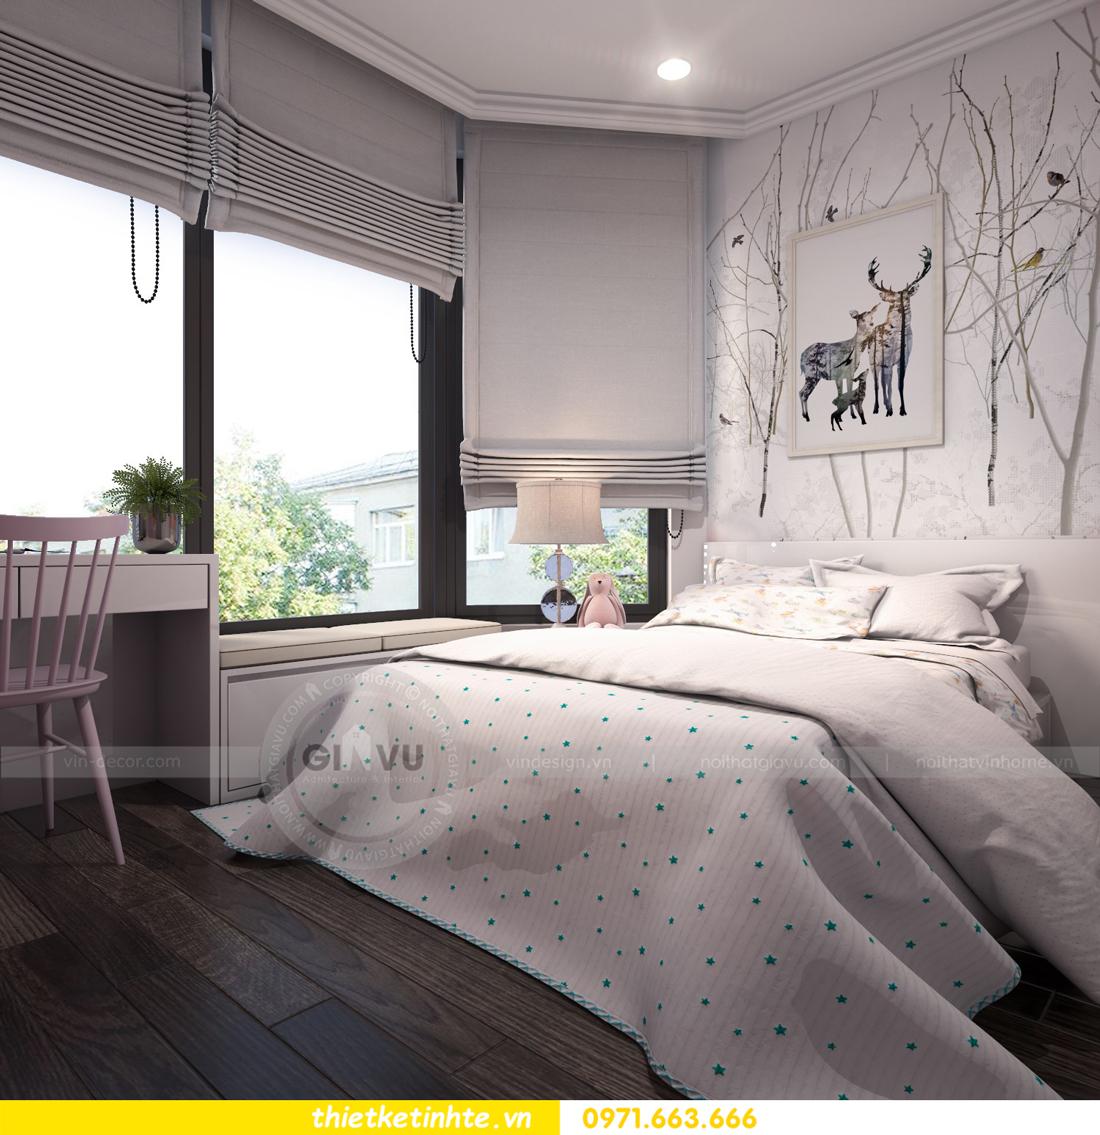 thiết kế nội thất Vinhomes Gardenia căn hộ 11 tòa A3 13